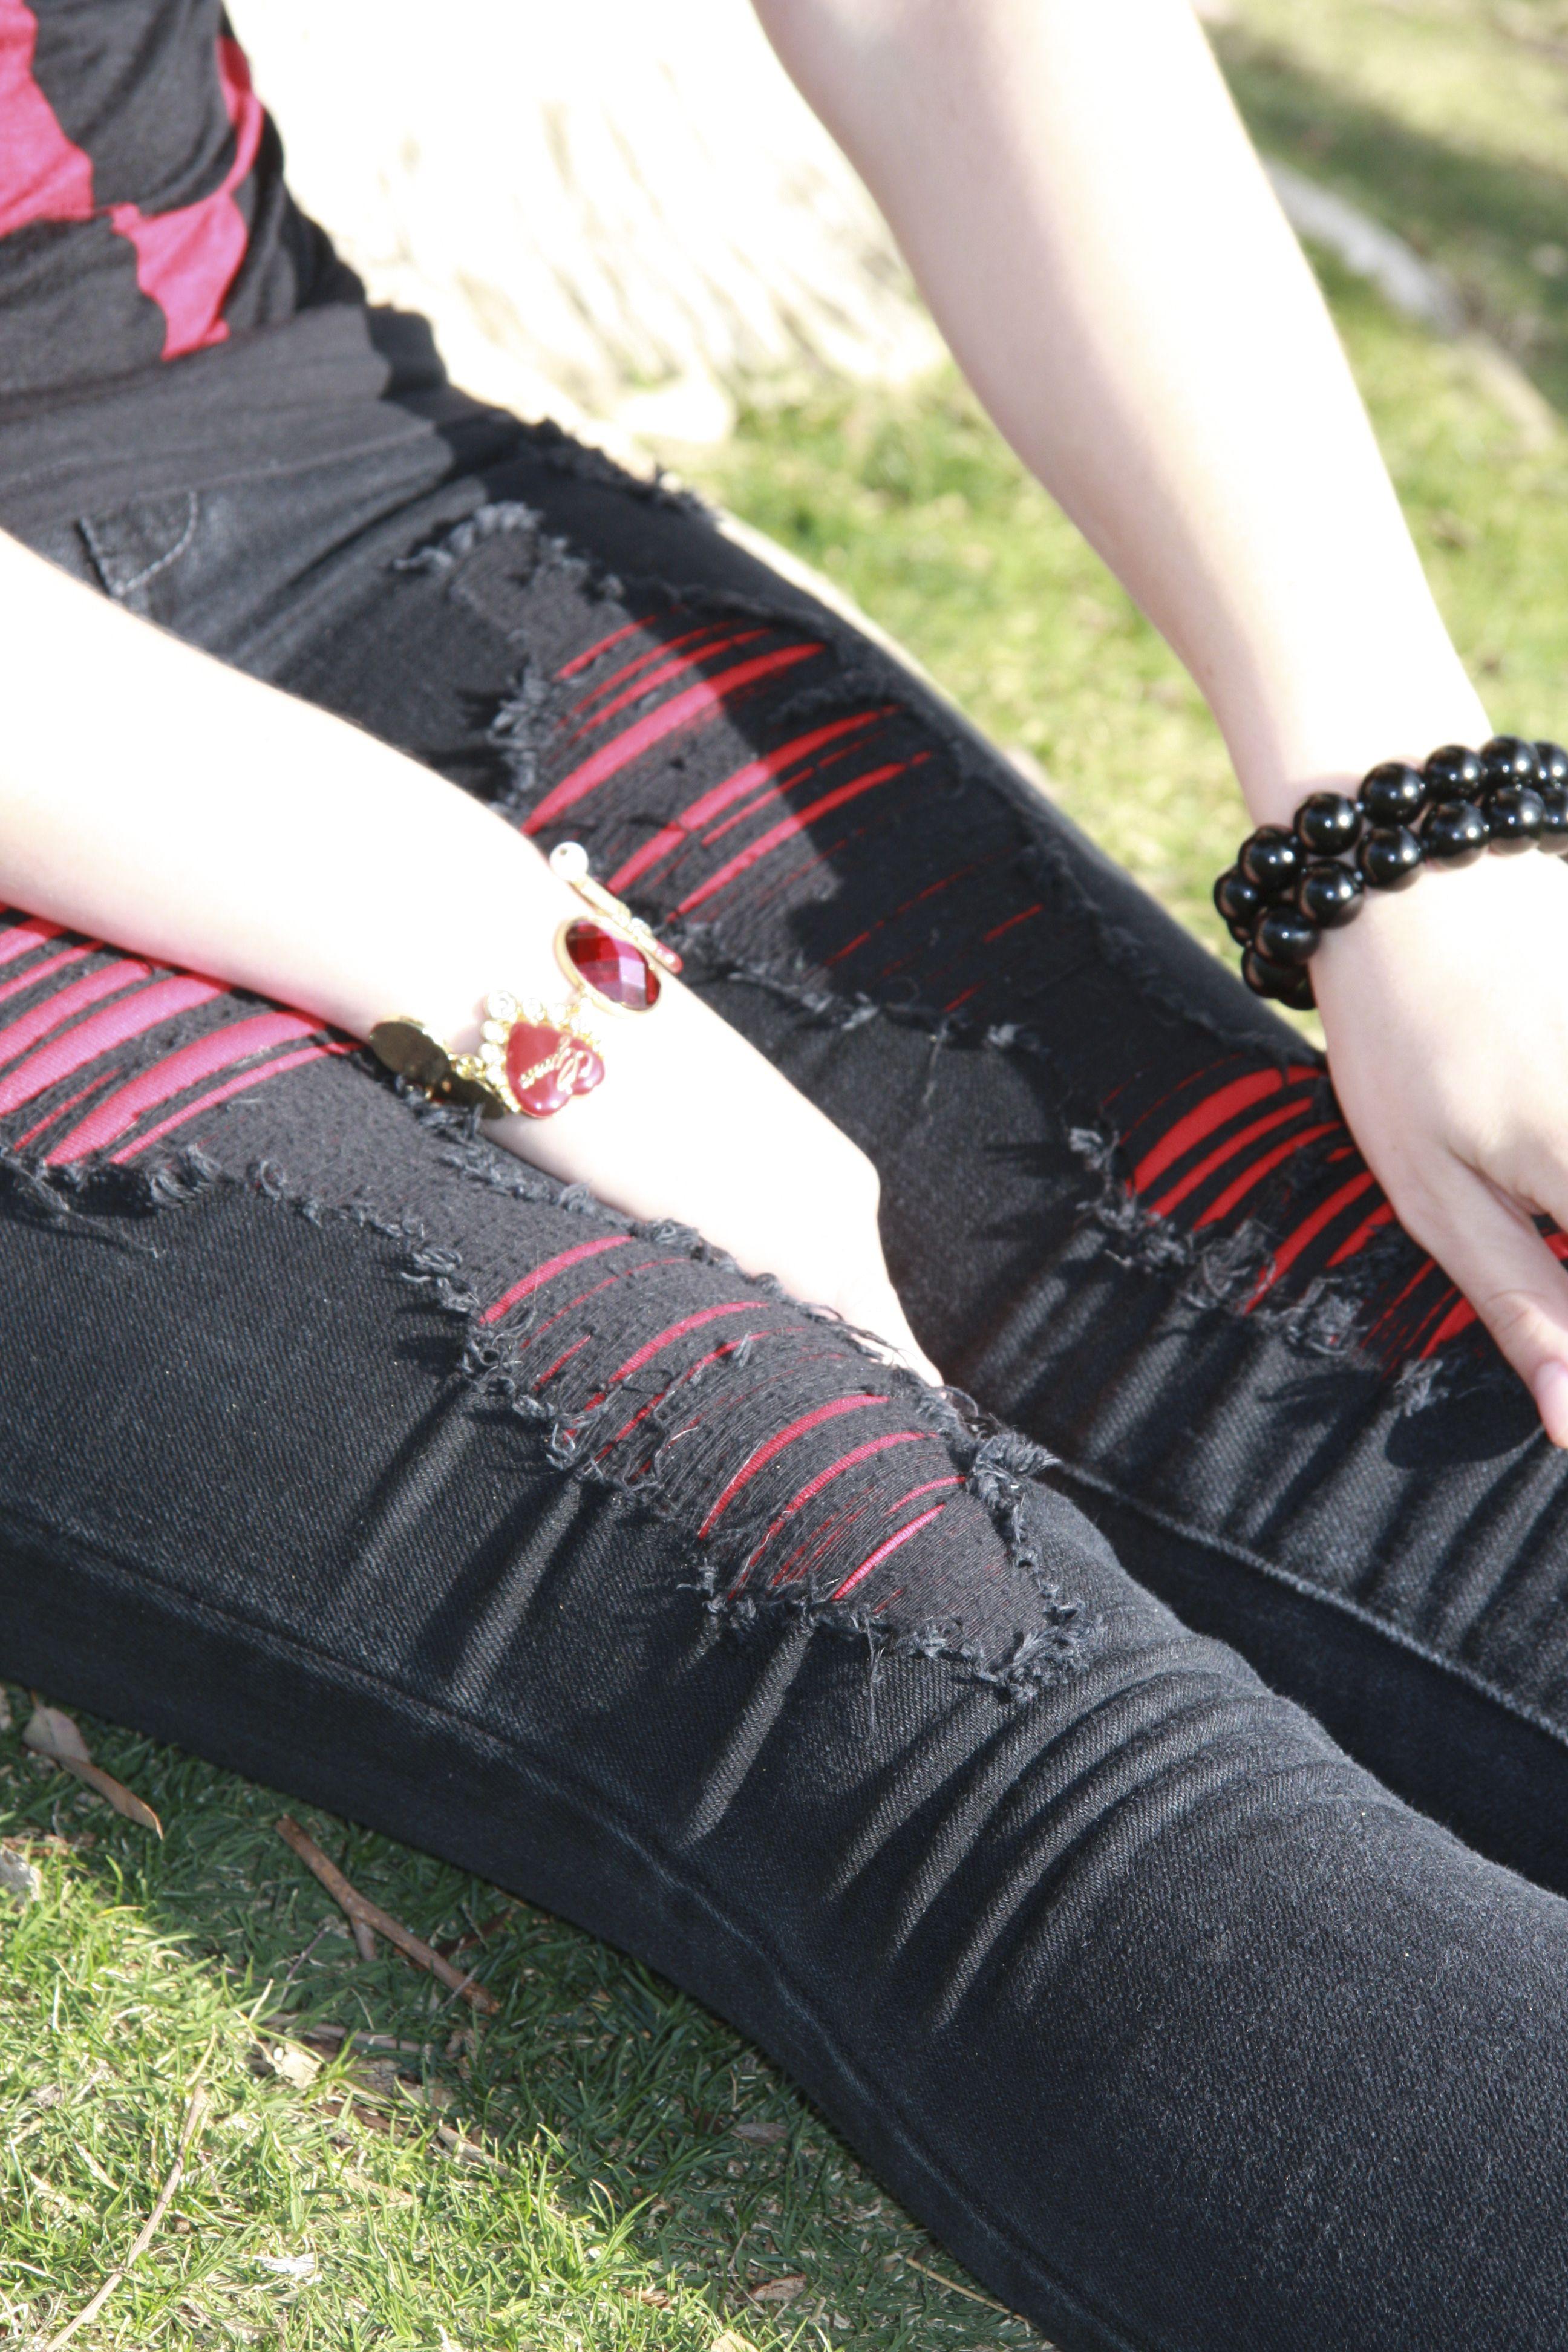 Emo/Scene Clothing - Ripped Jeans - Skinny Jeans. | Emo/scene ...